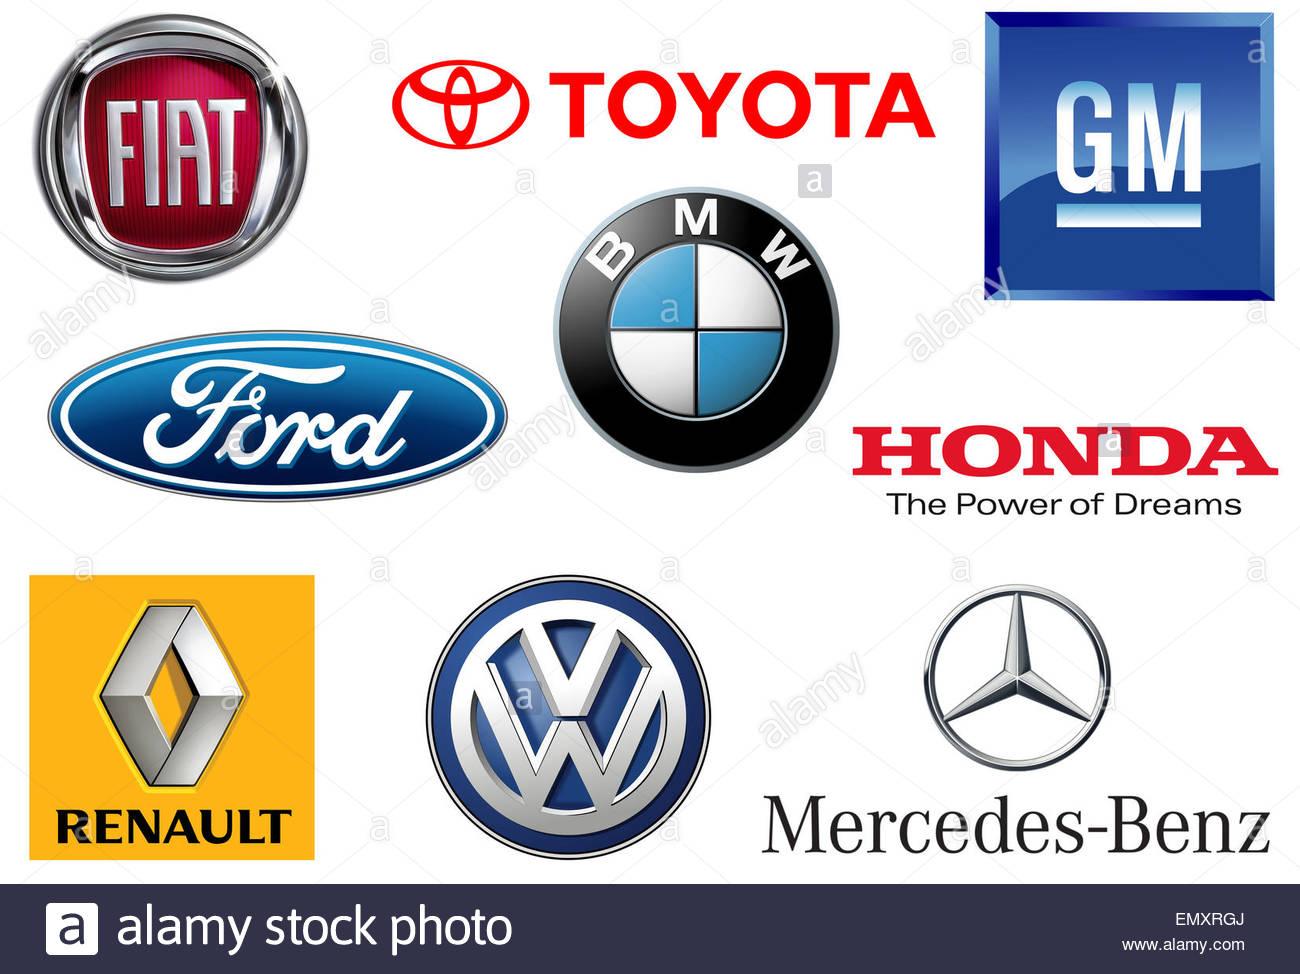 Great bmw ticker symbol volkswagen stock symbol 2017 2018 2019 volkswagen stock symbol 2017 2018 2019 volkswagen reviews buycottarizona Gallery